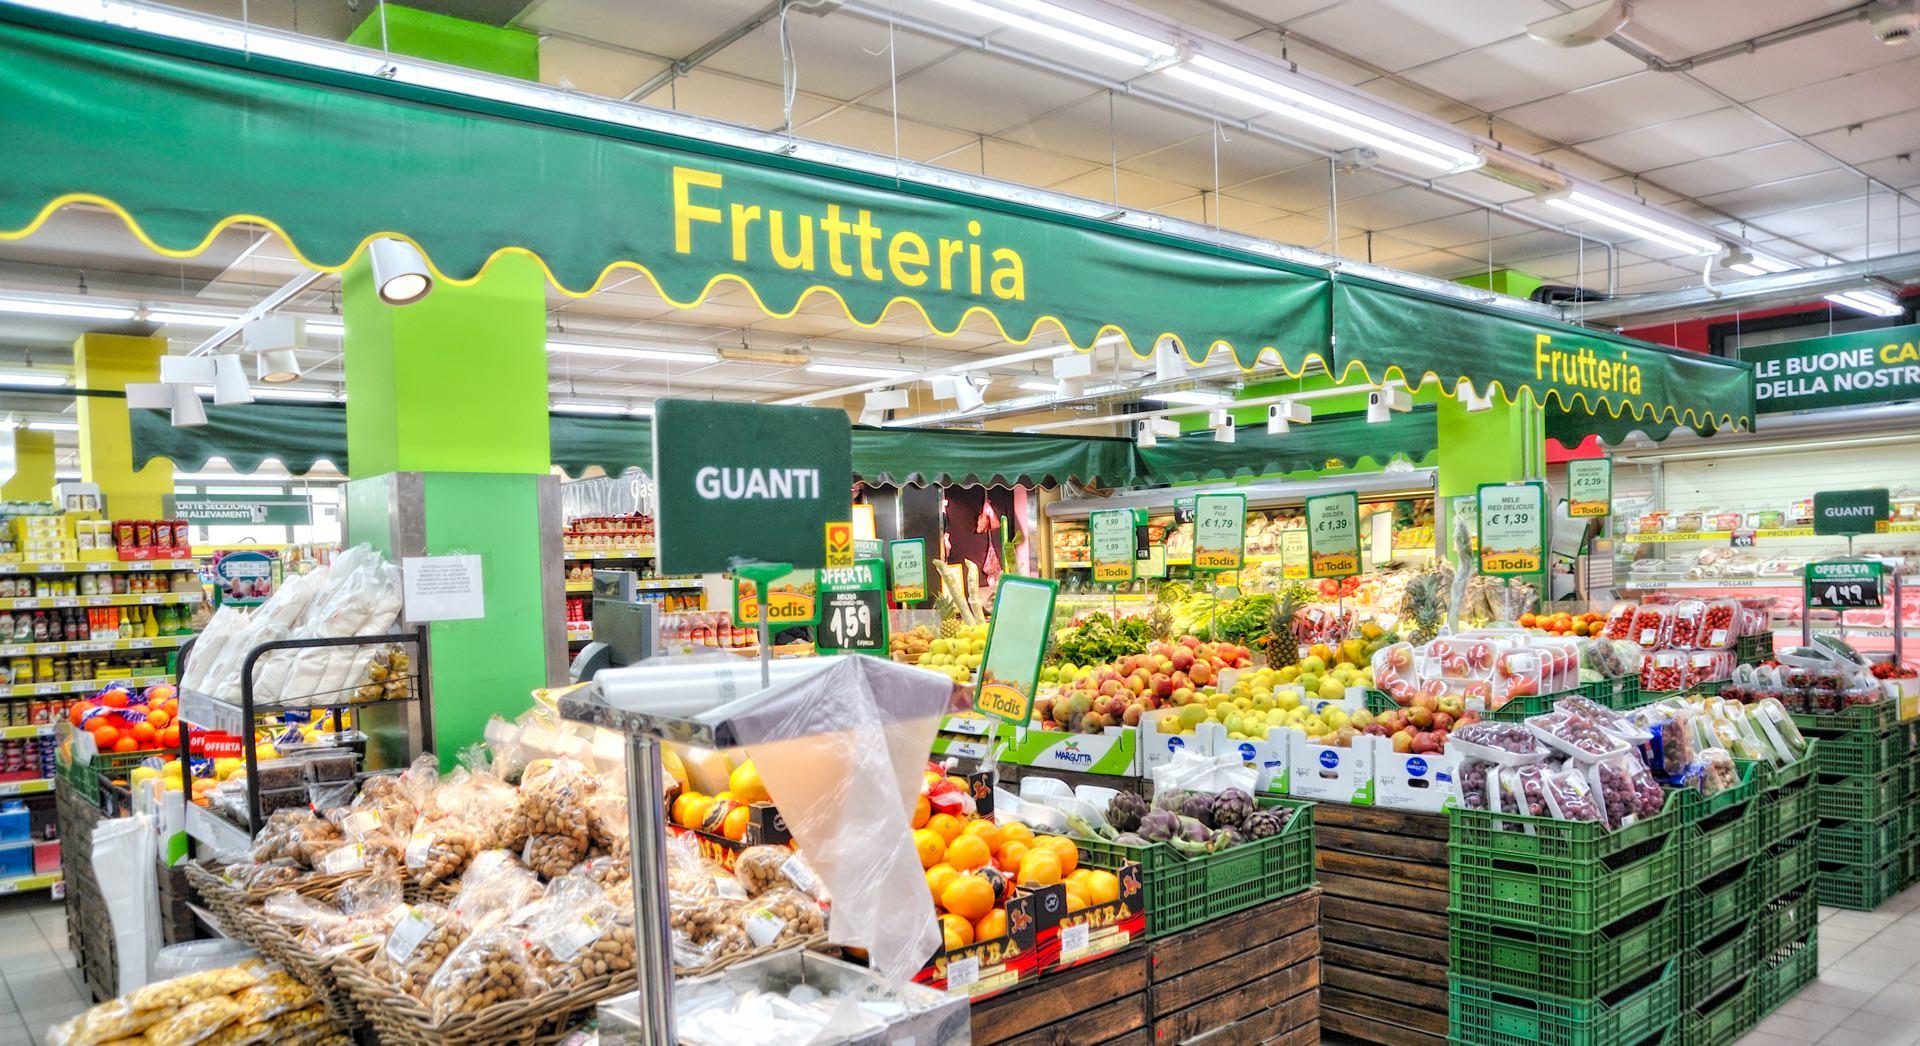 todis Alfonsine reparto frutteria renis group